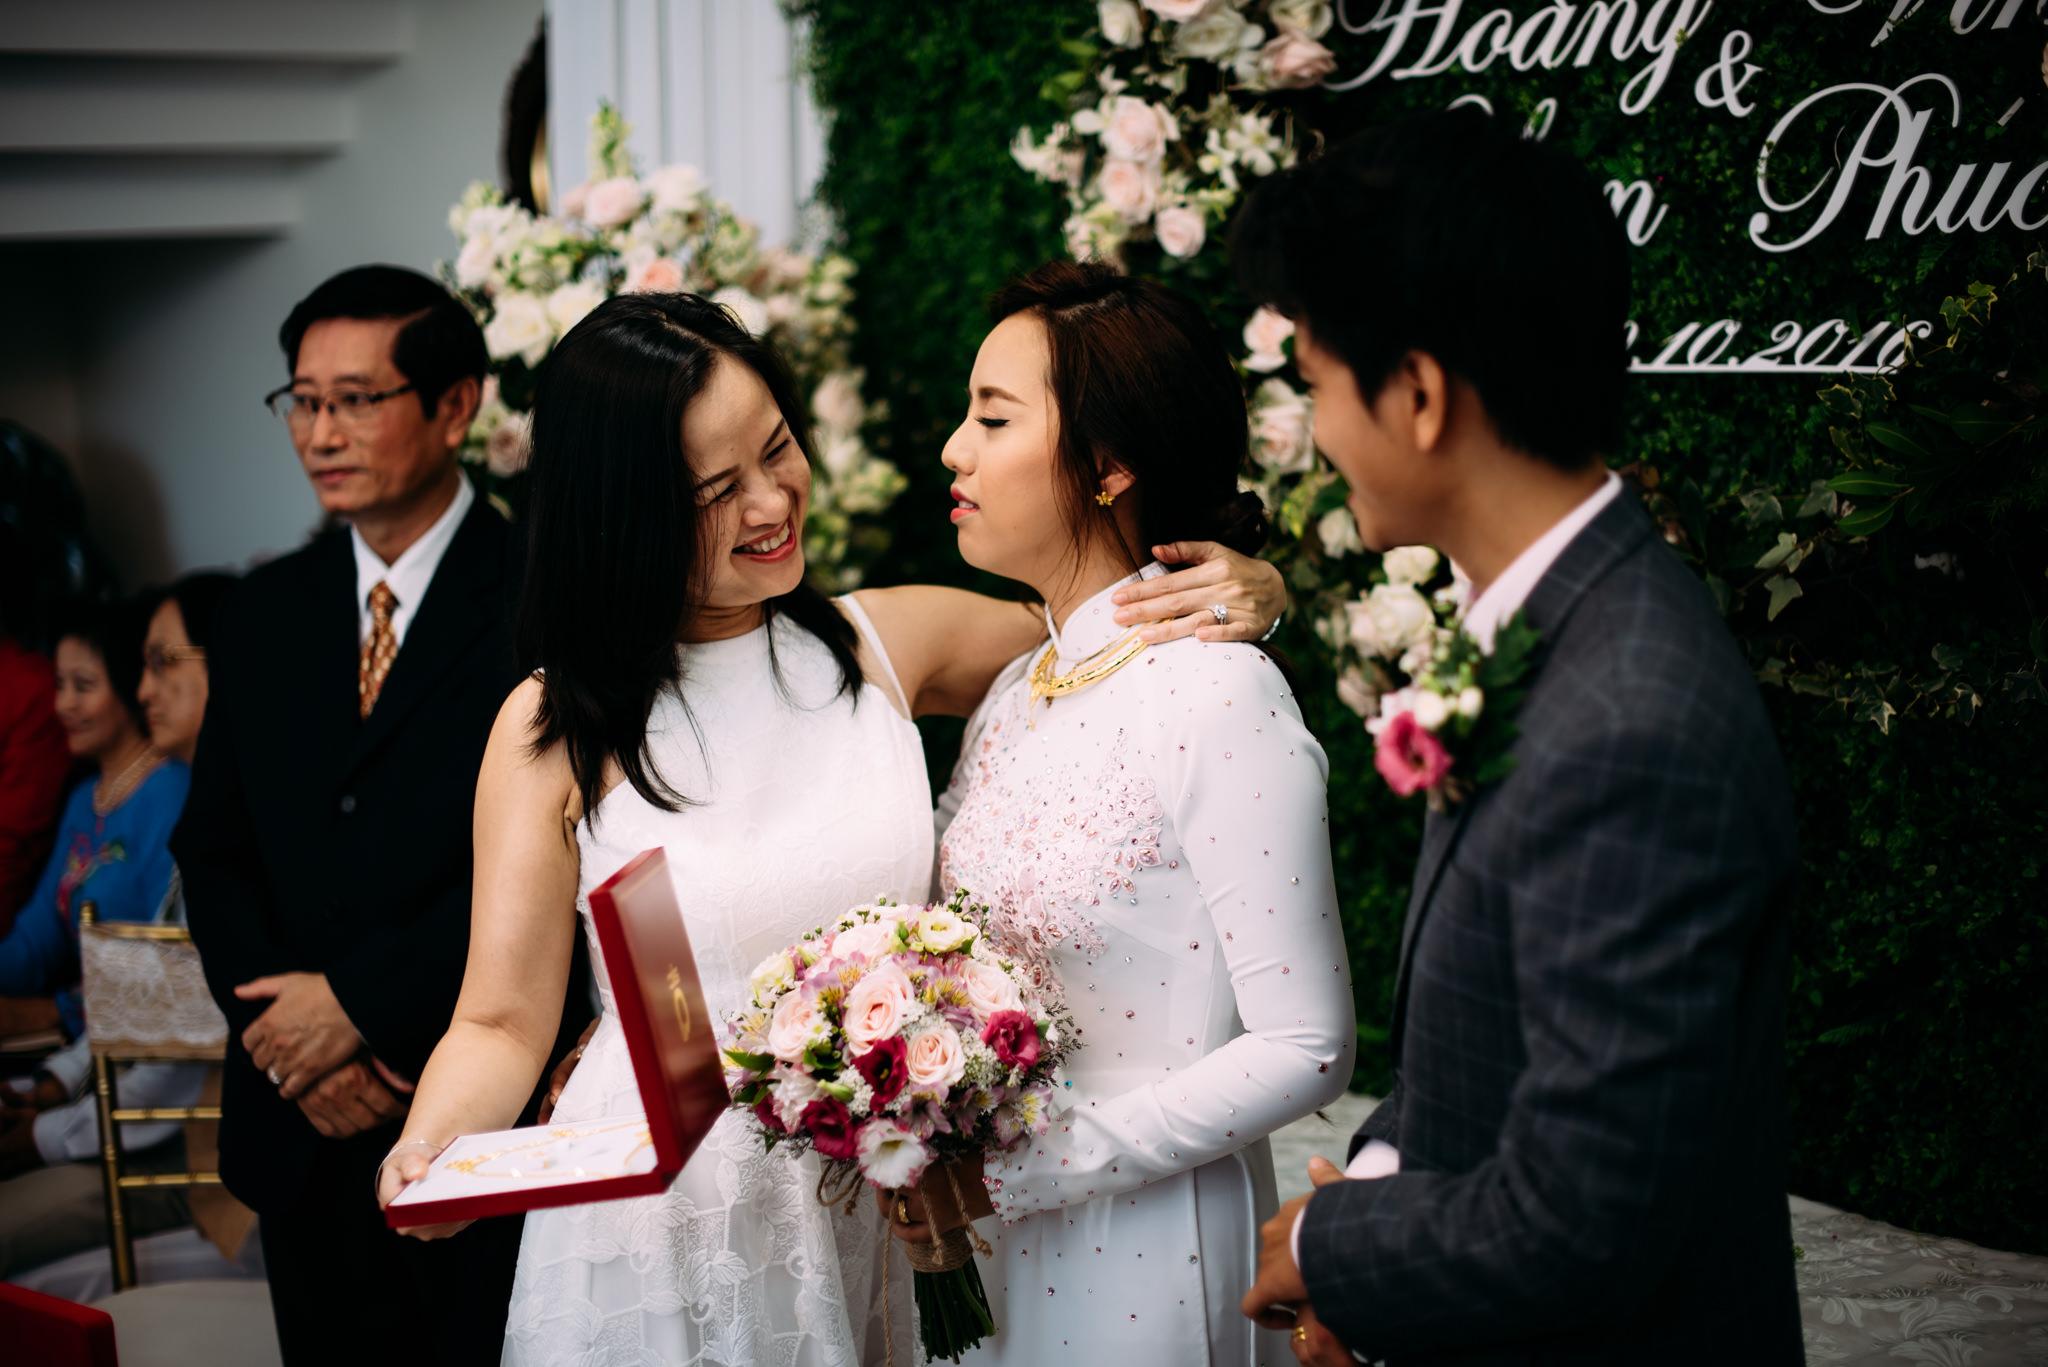 Phuc-Lan  cremony P3-54.jpg